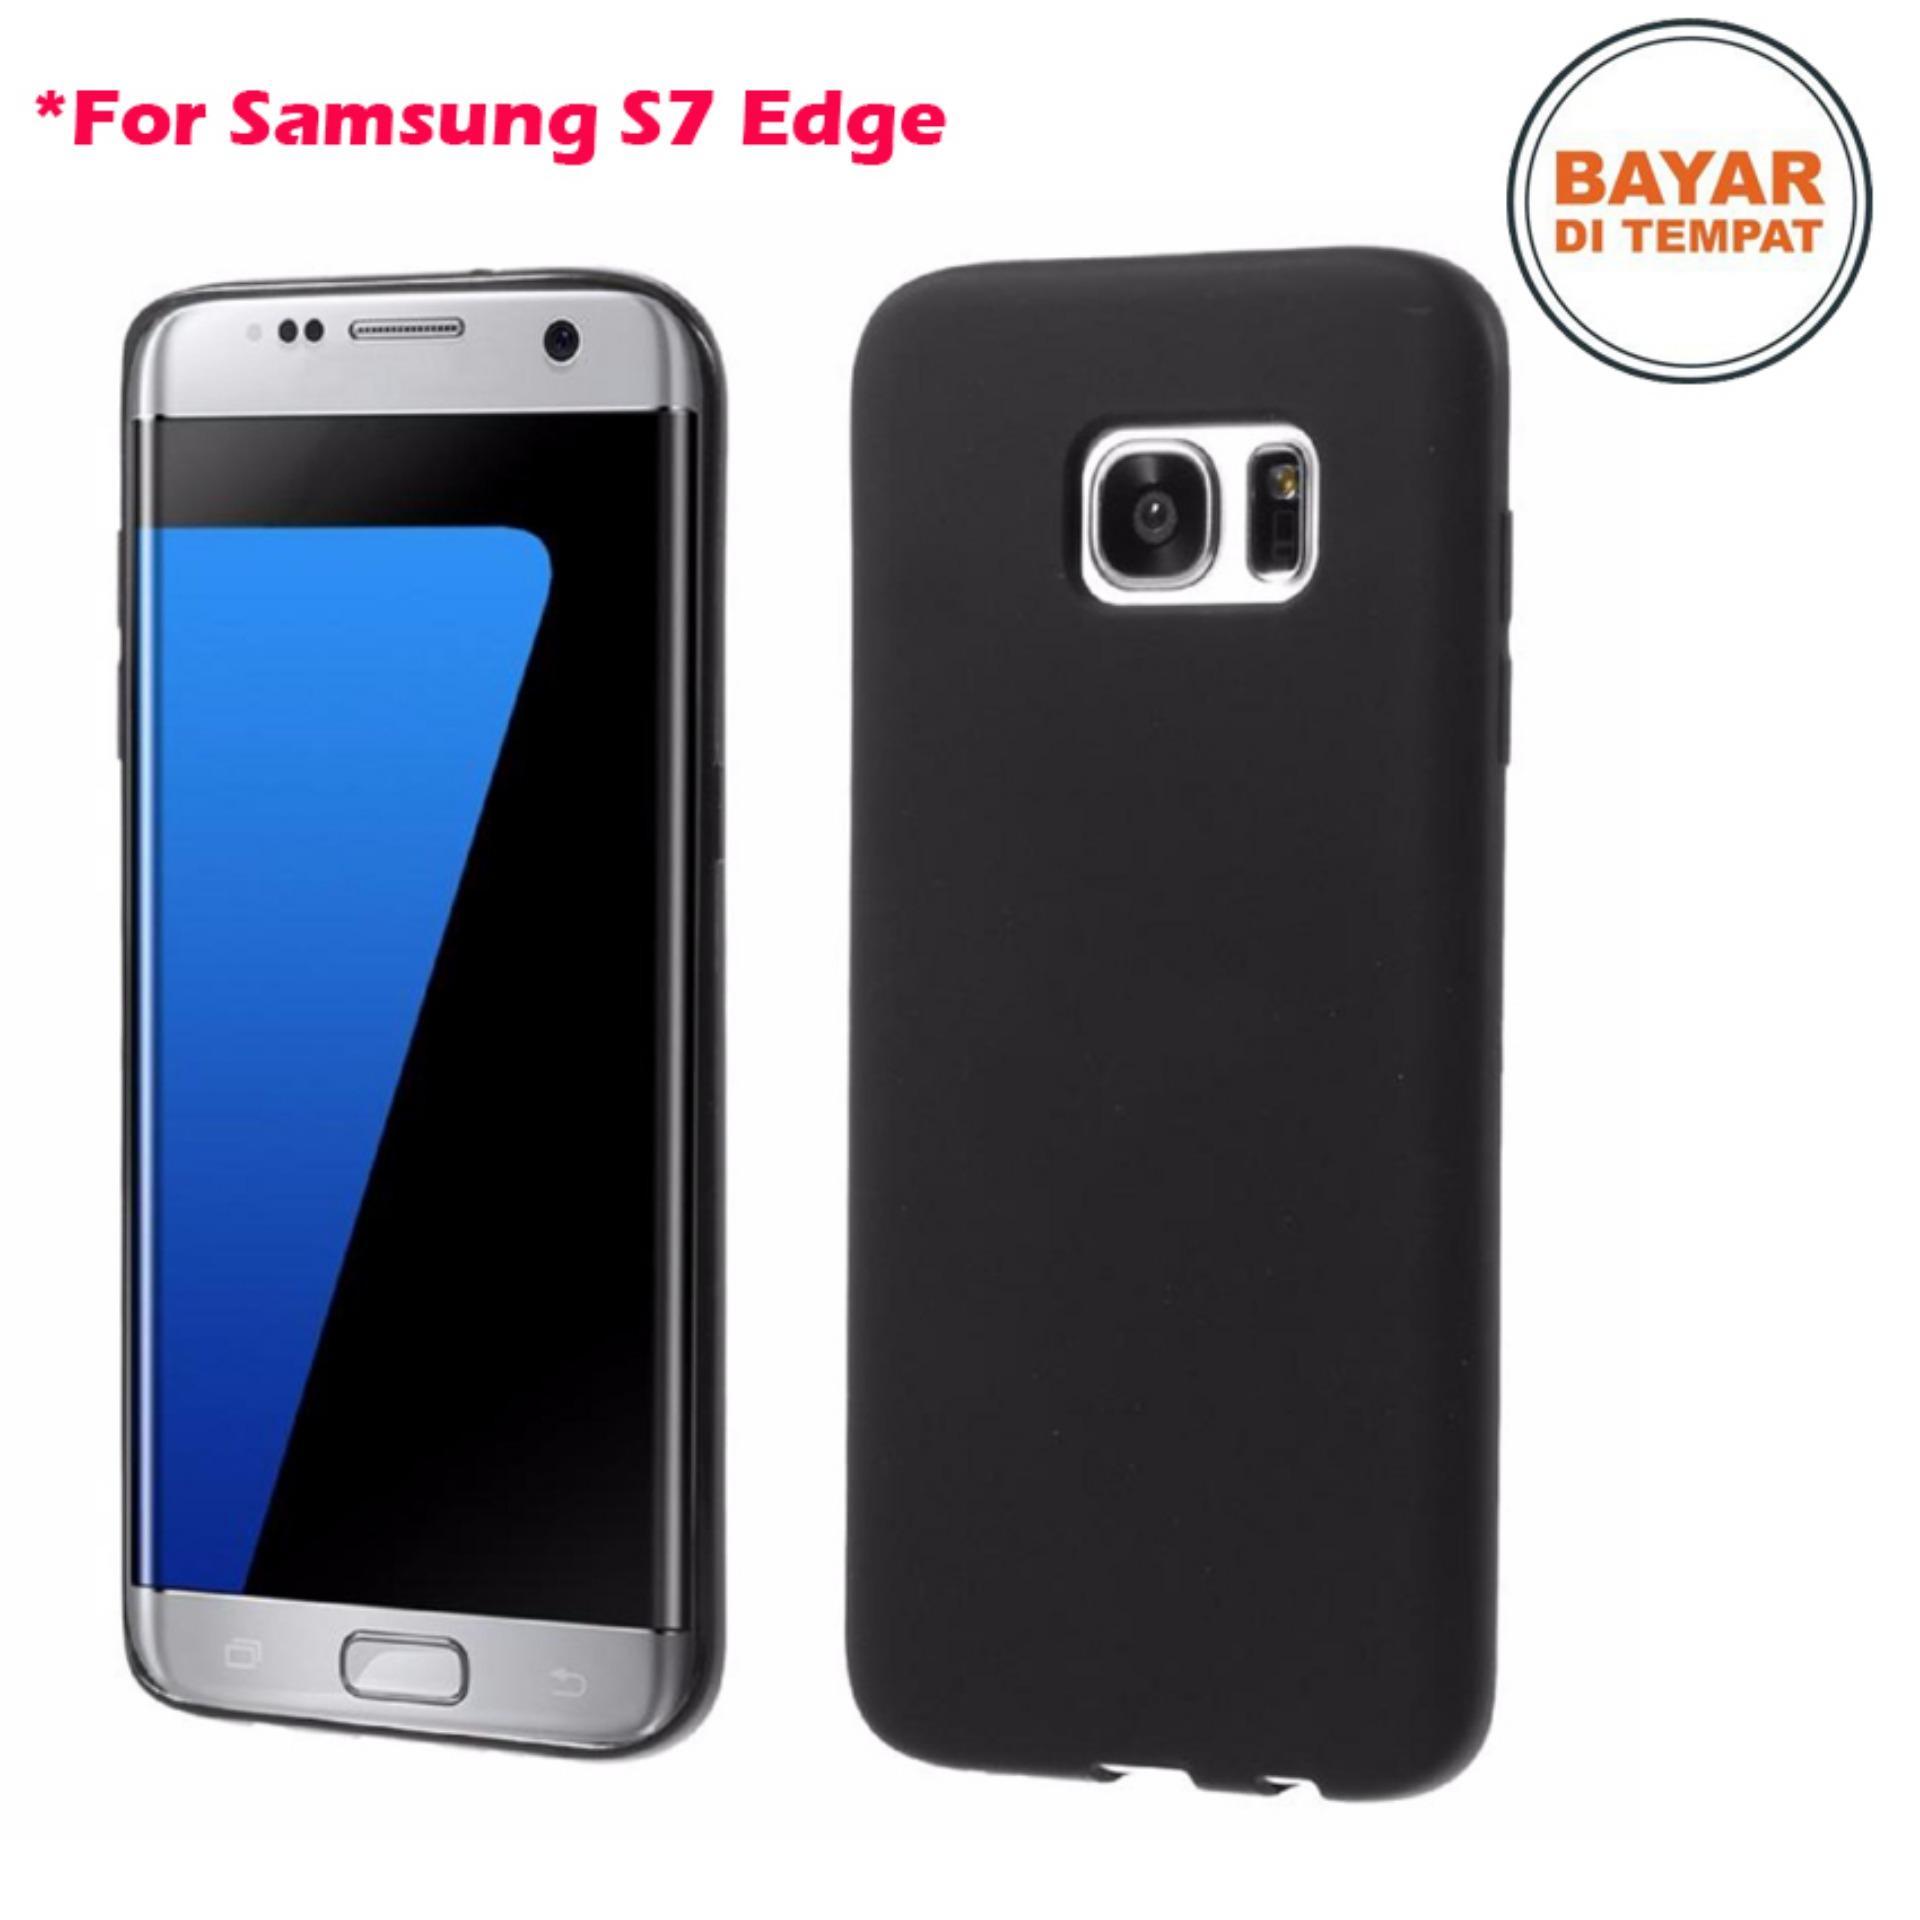 Case Black Matte Soft Slim Samsung Galaxy S7 Edge